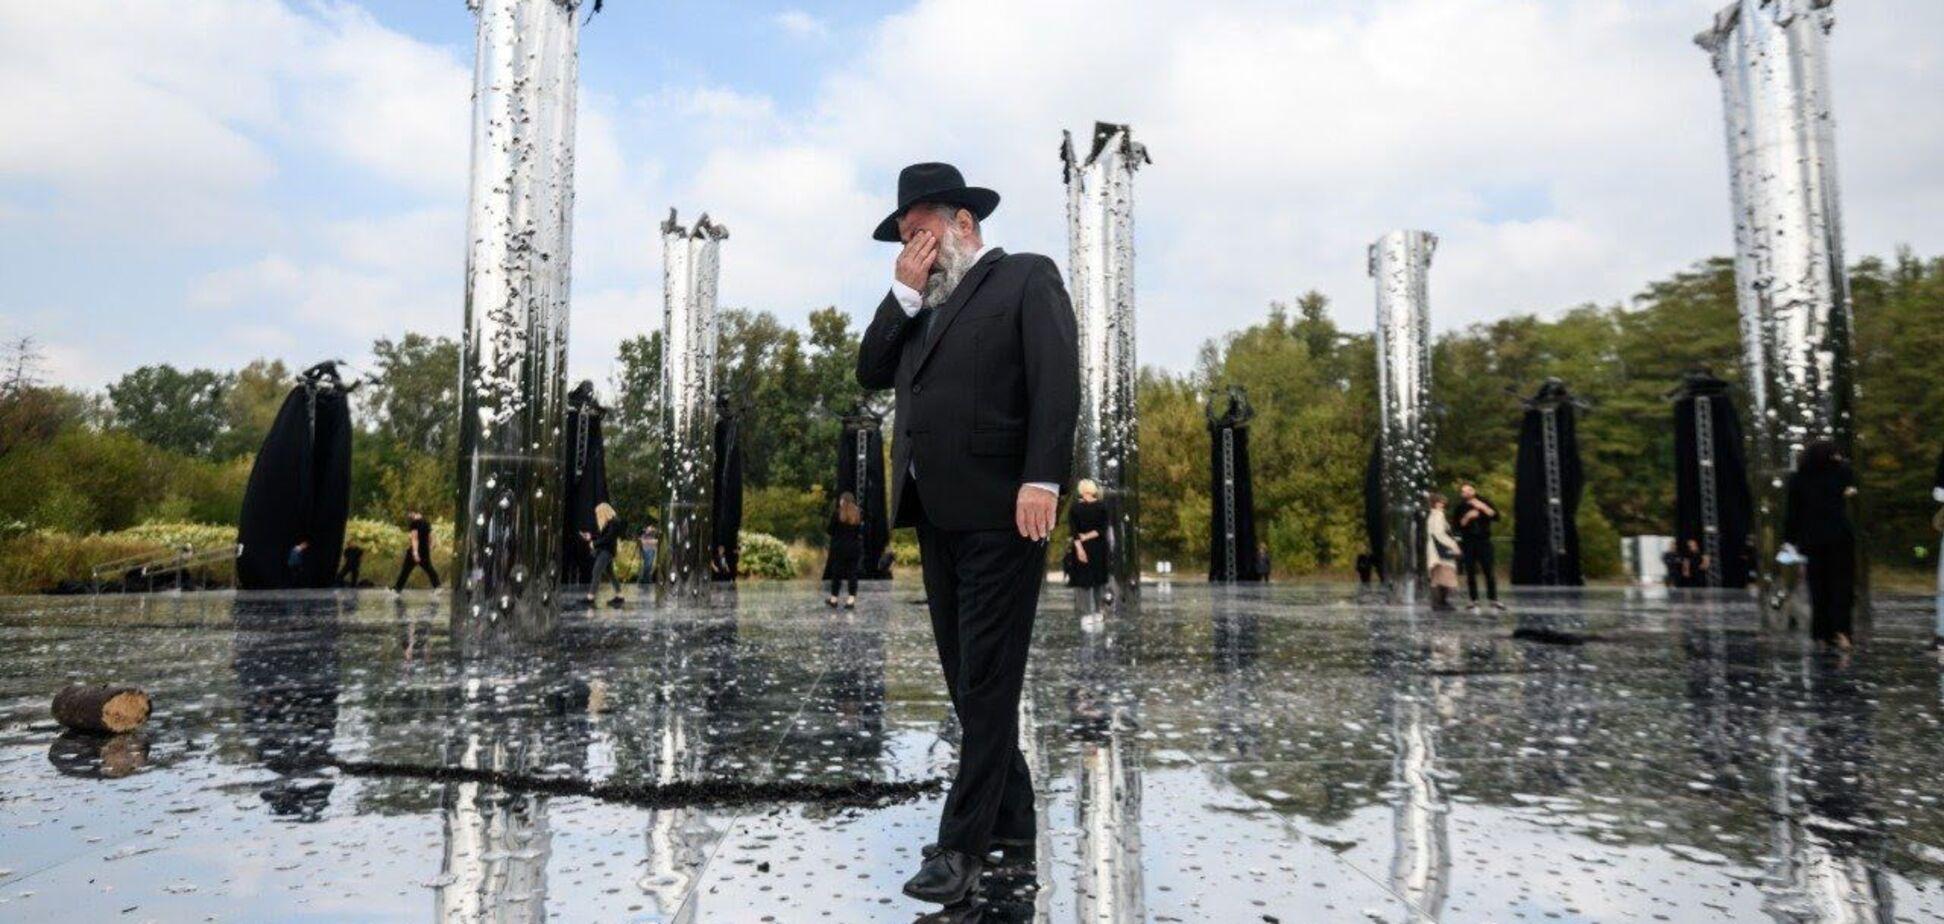 Израильские объединения поддержали Мемориальный центр Холокоста 'Бабий Яр'